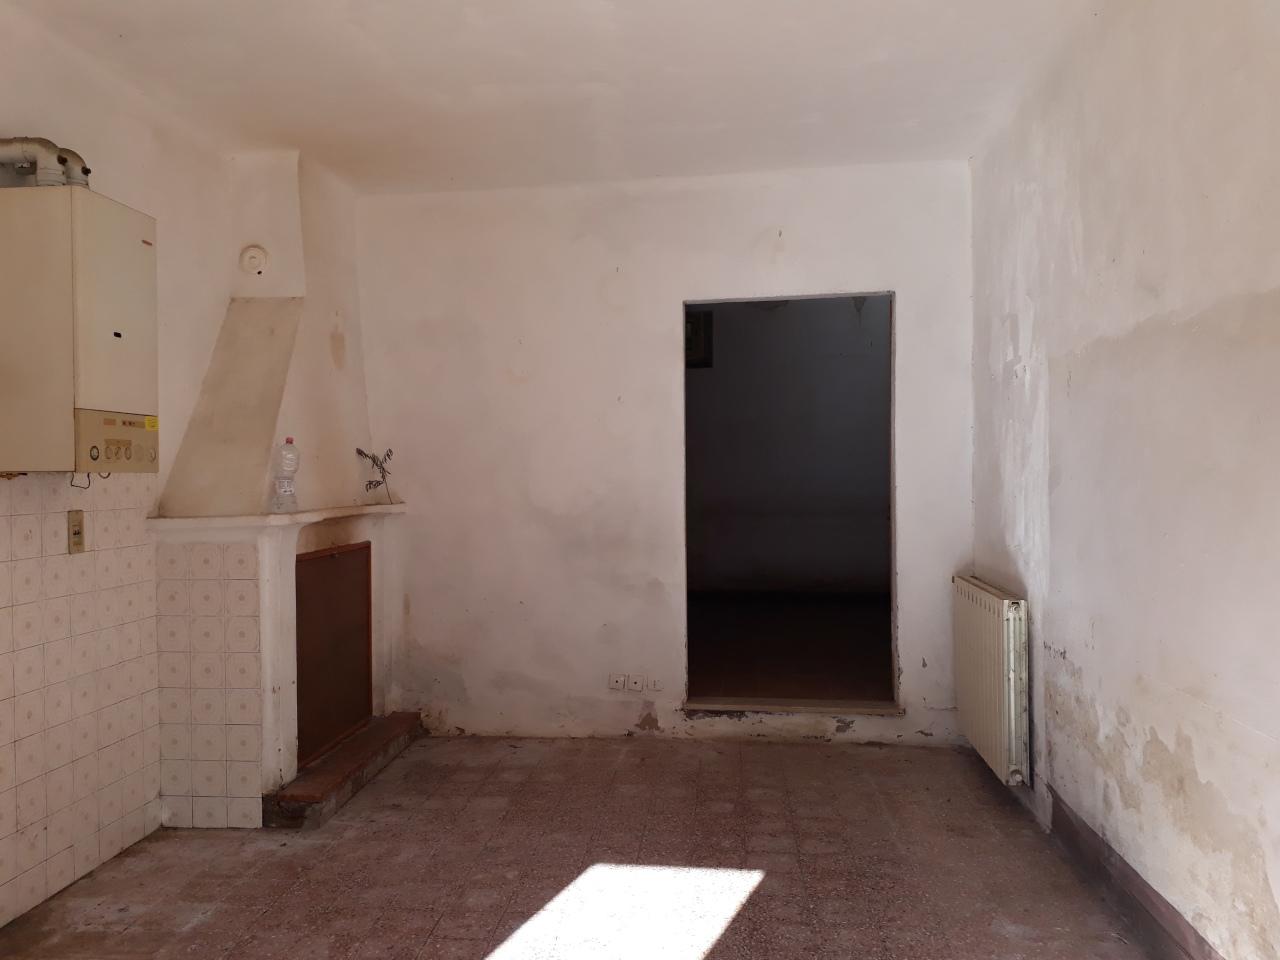 mansarda sottotetto soffitta solaio vendita san giuliano terme di metri quadrati 250 prezzo 160000 rif 4602